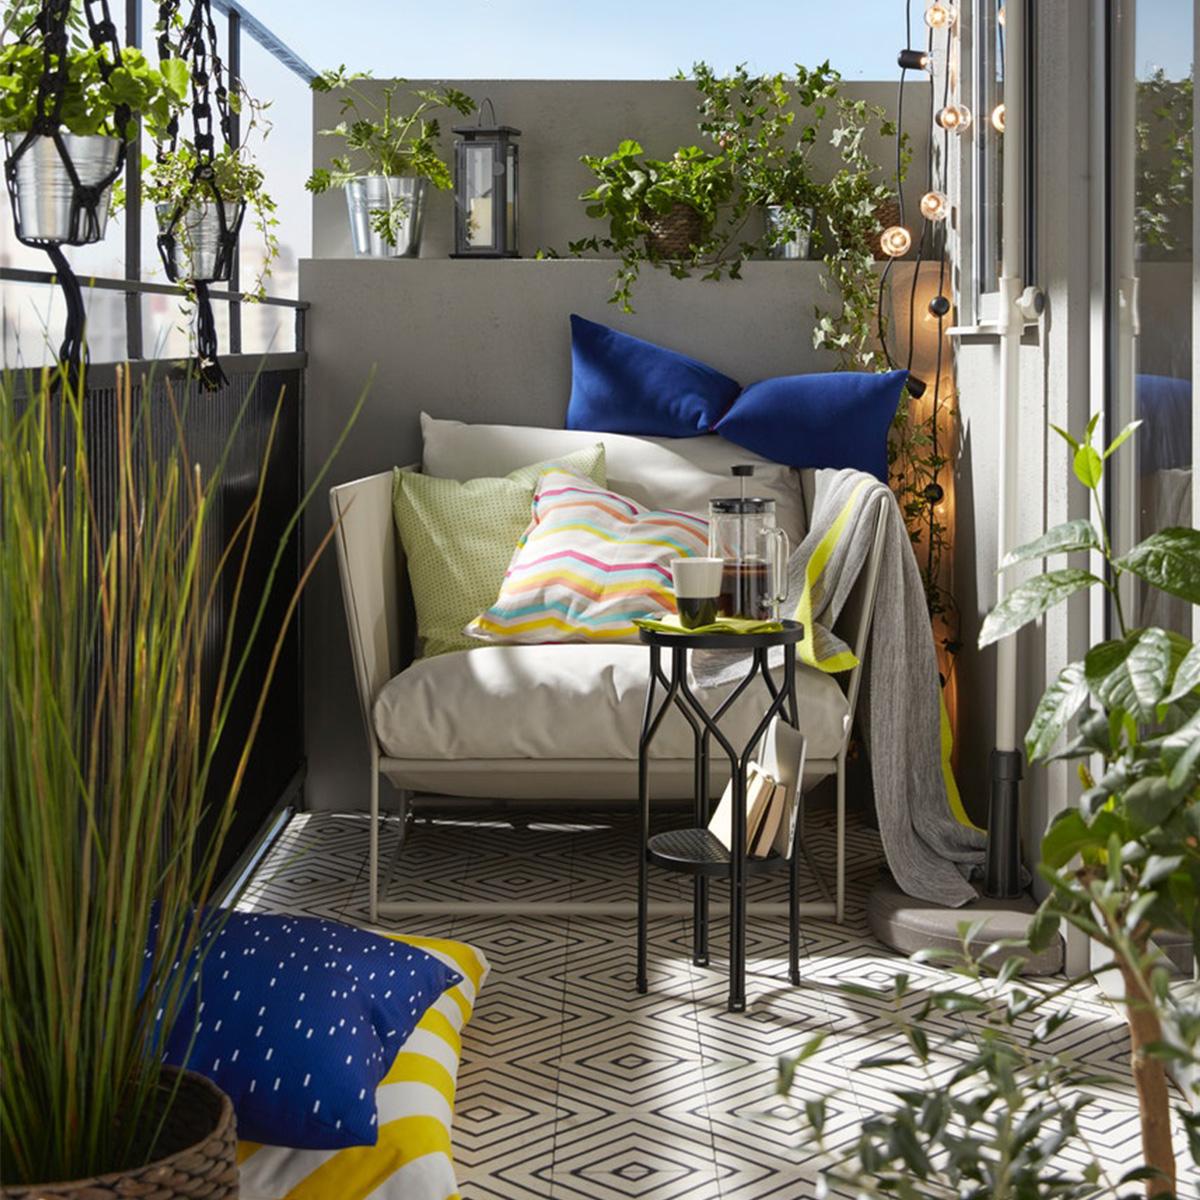 Petit Salon De Jardin Pour Balcon Luxe Idées Pour L ... encequiconcerne Salon De Jardin Design Luxe